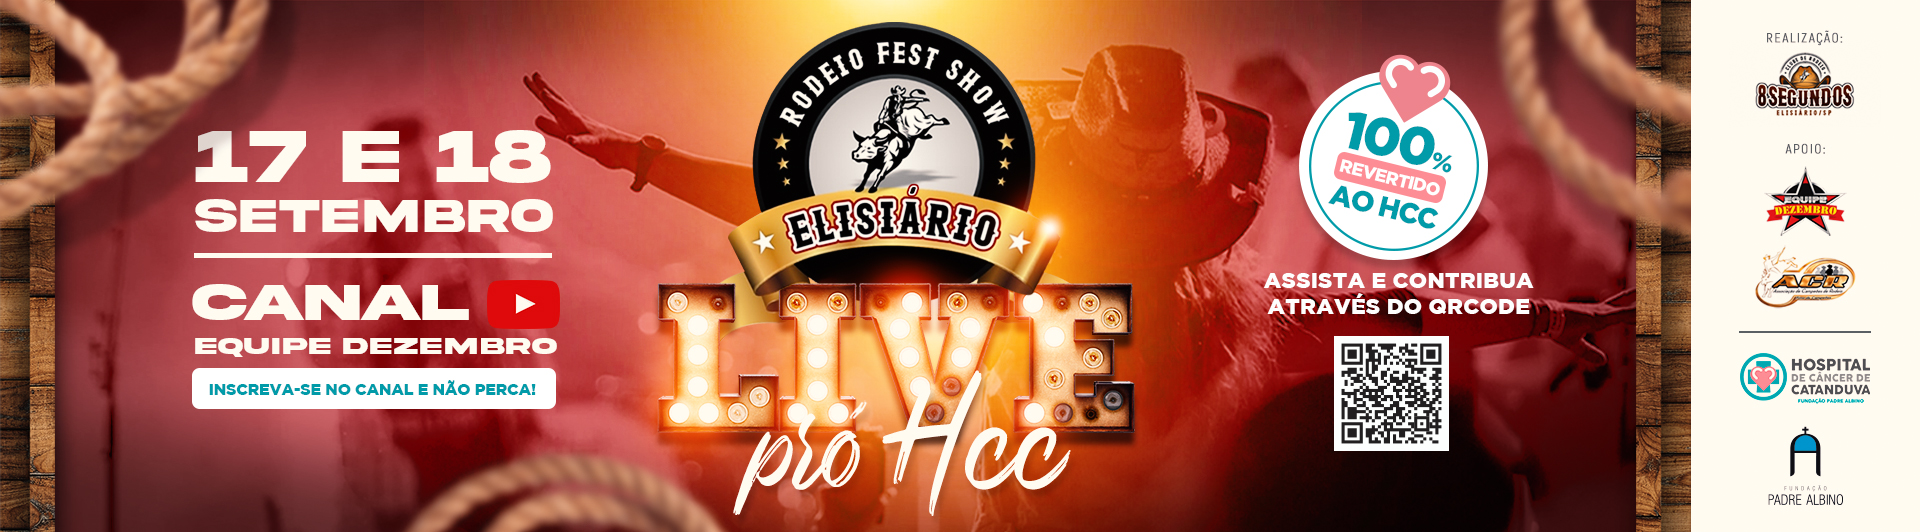 Elisi�rio Rodeio Fest Show